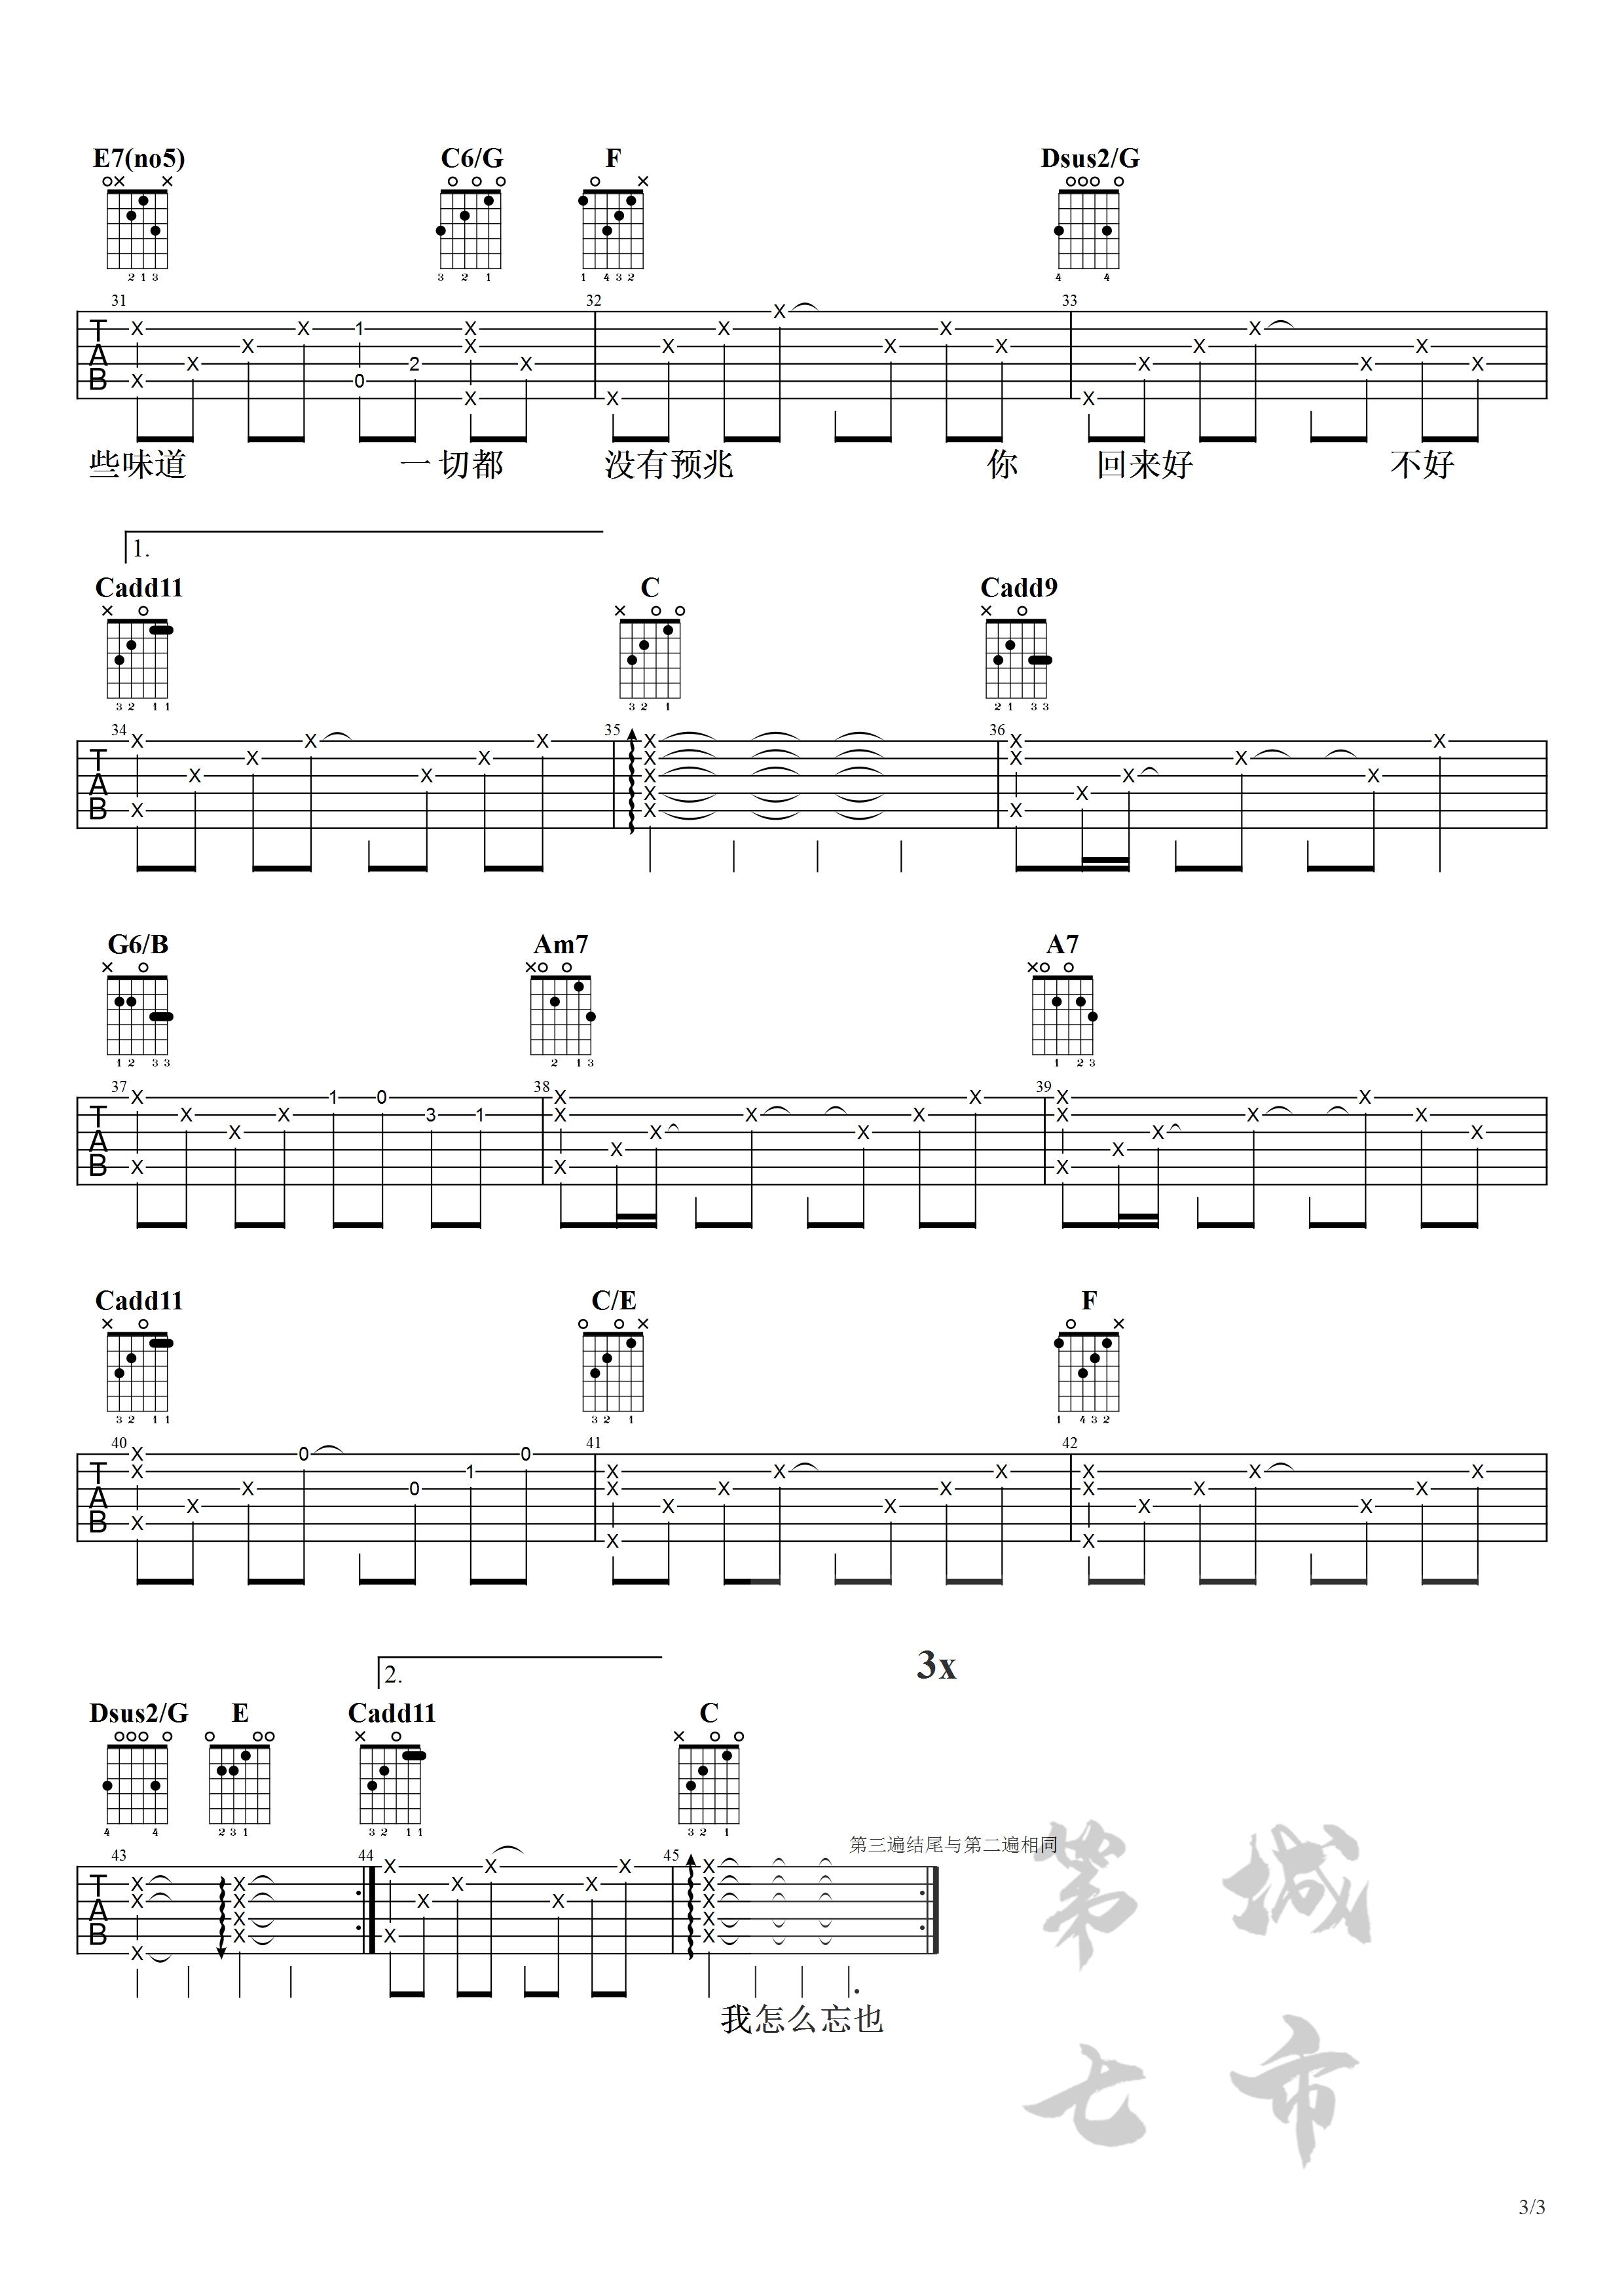 都怪我( 前奏+间奏)吉他谱(图片谱,弹唱,第七城市,胡66)_胡66_都怪我水印3.png